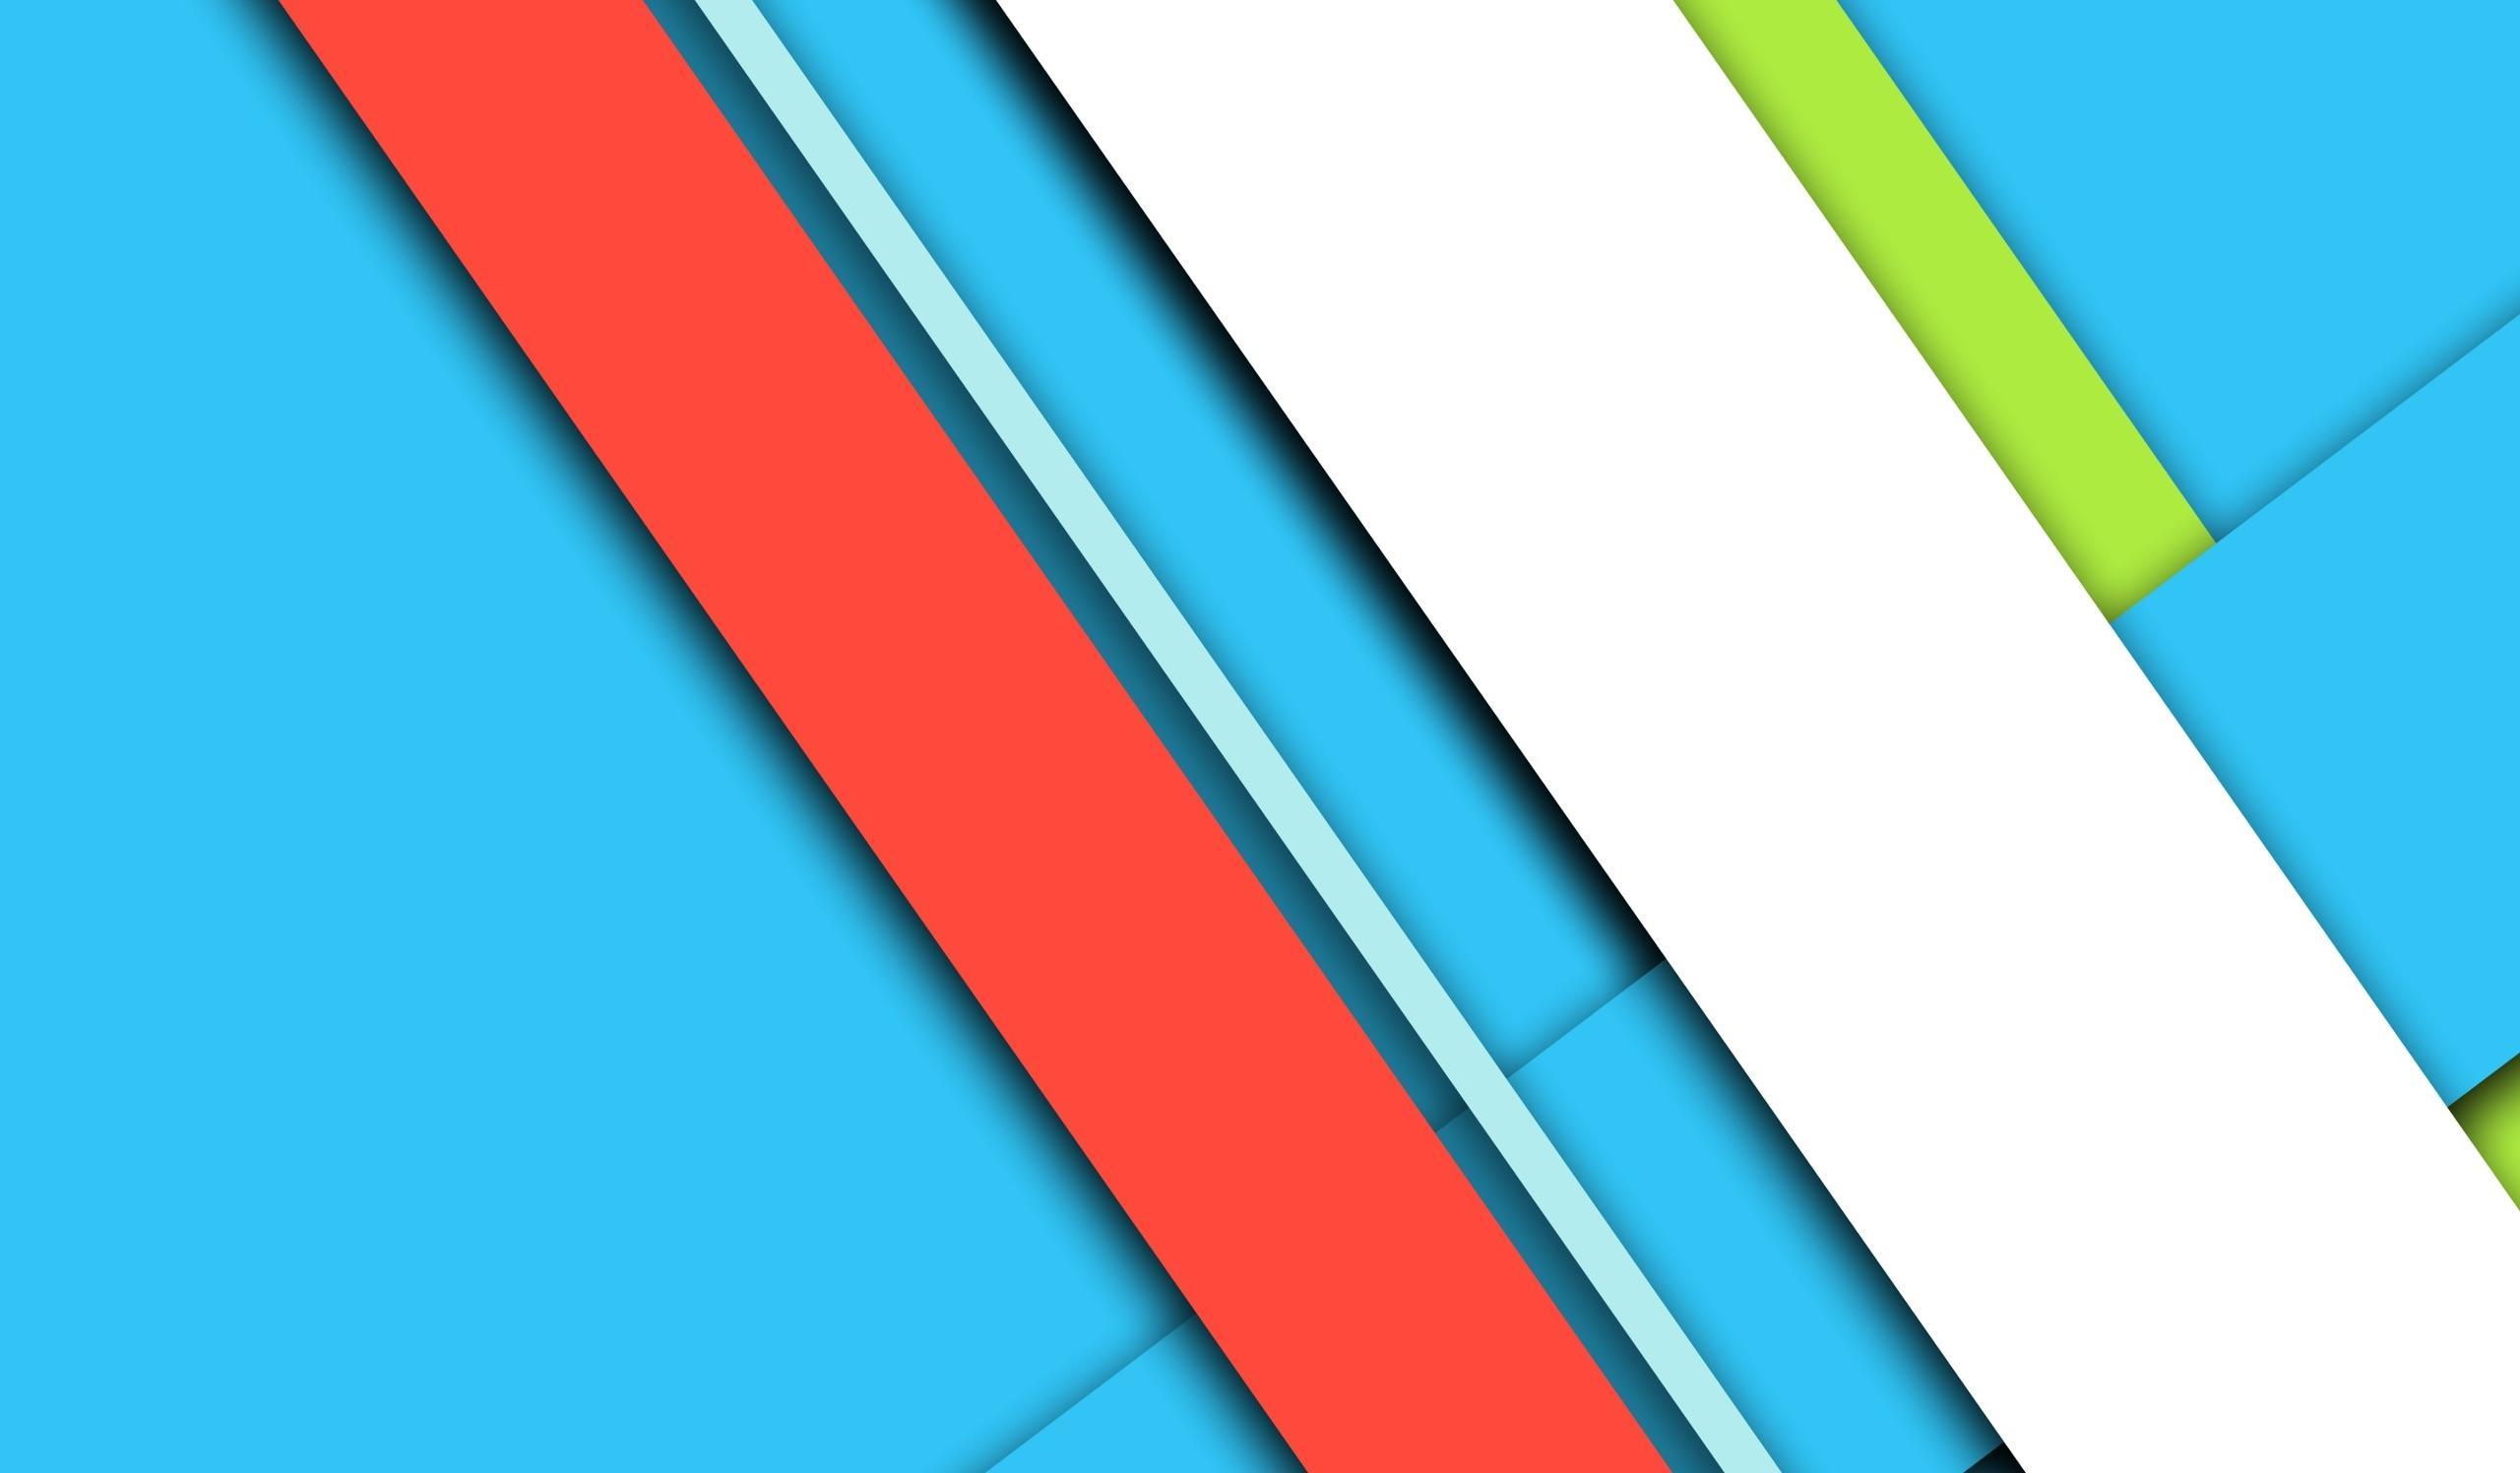 Линии фигуры material design  № 3215798 без смс